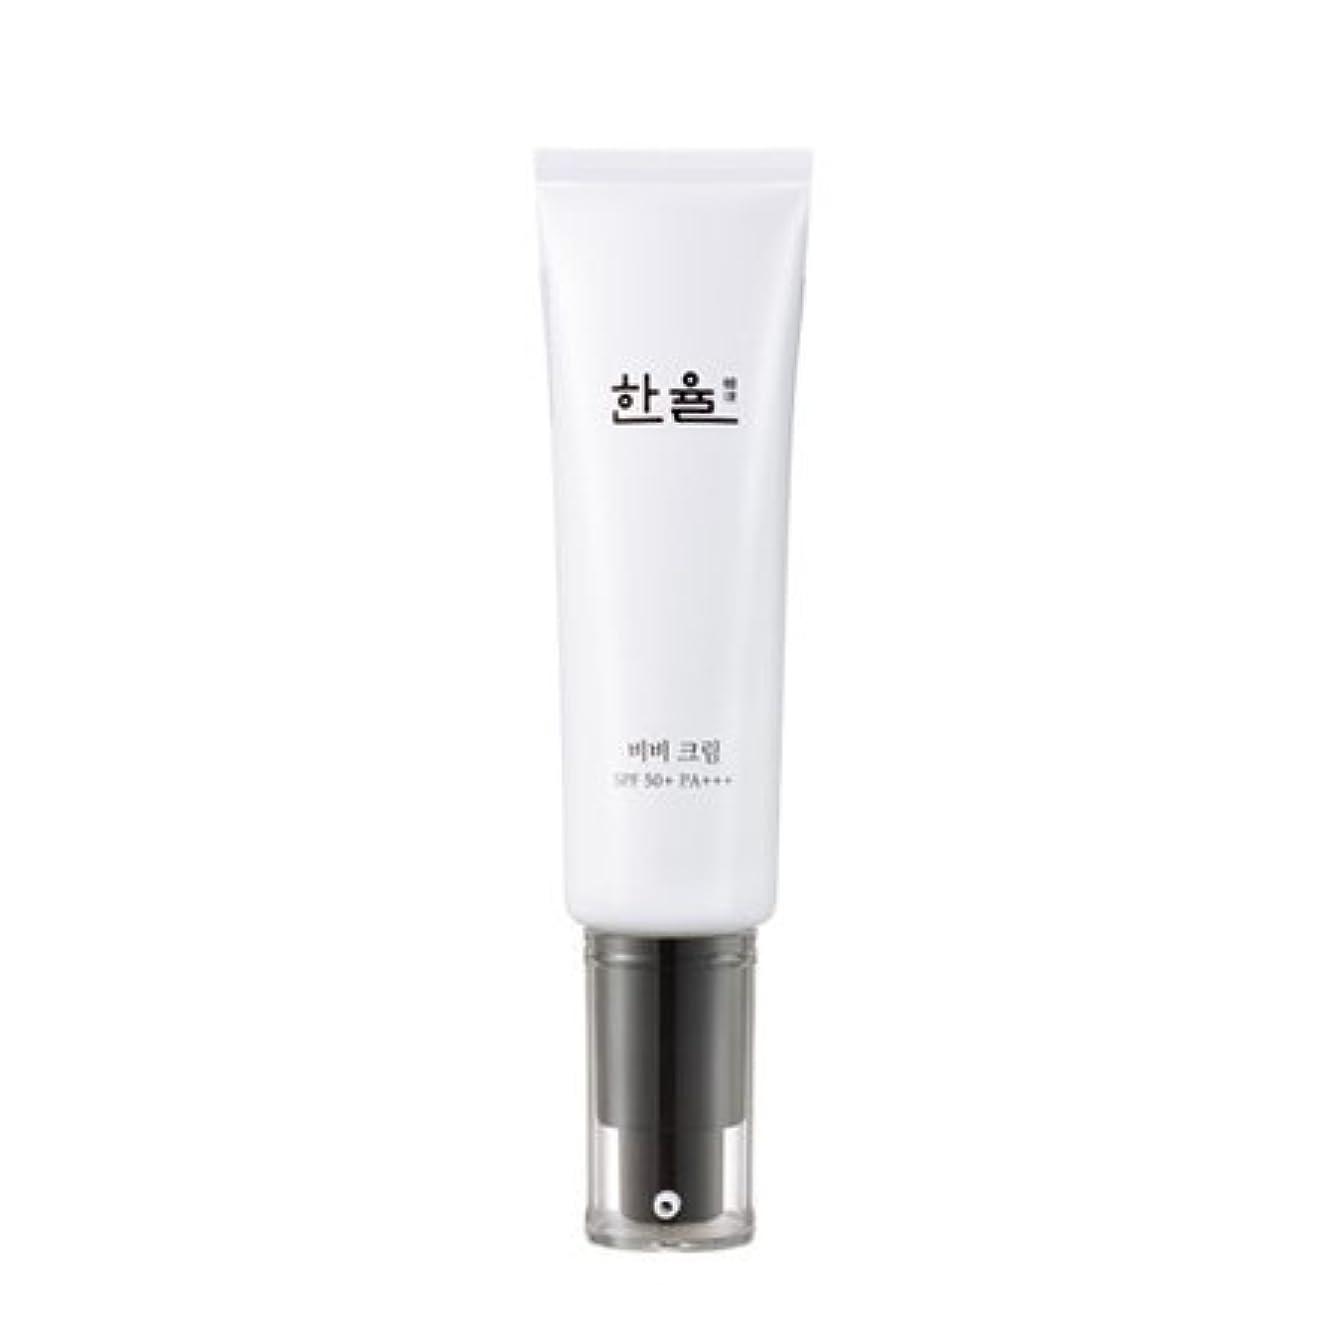 後ろに広告する四半期[HANYUL] BB Cream SPF 50+/pa+++ (#02 Soft Beige)